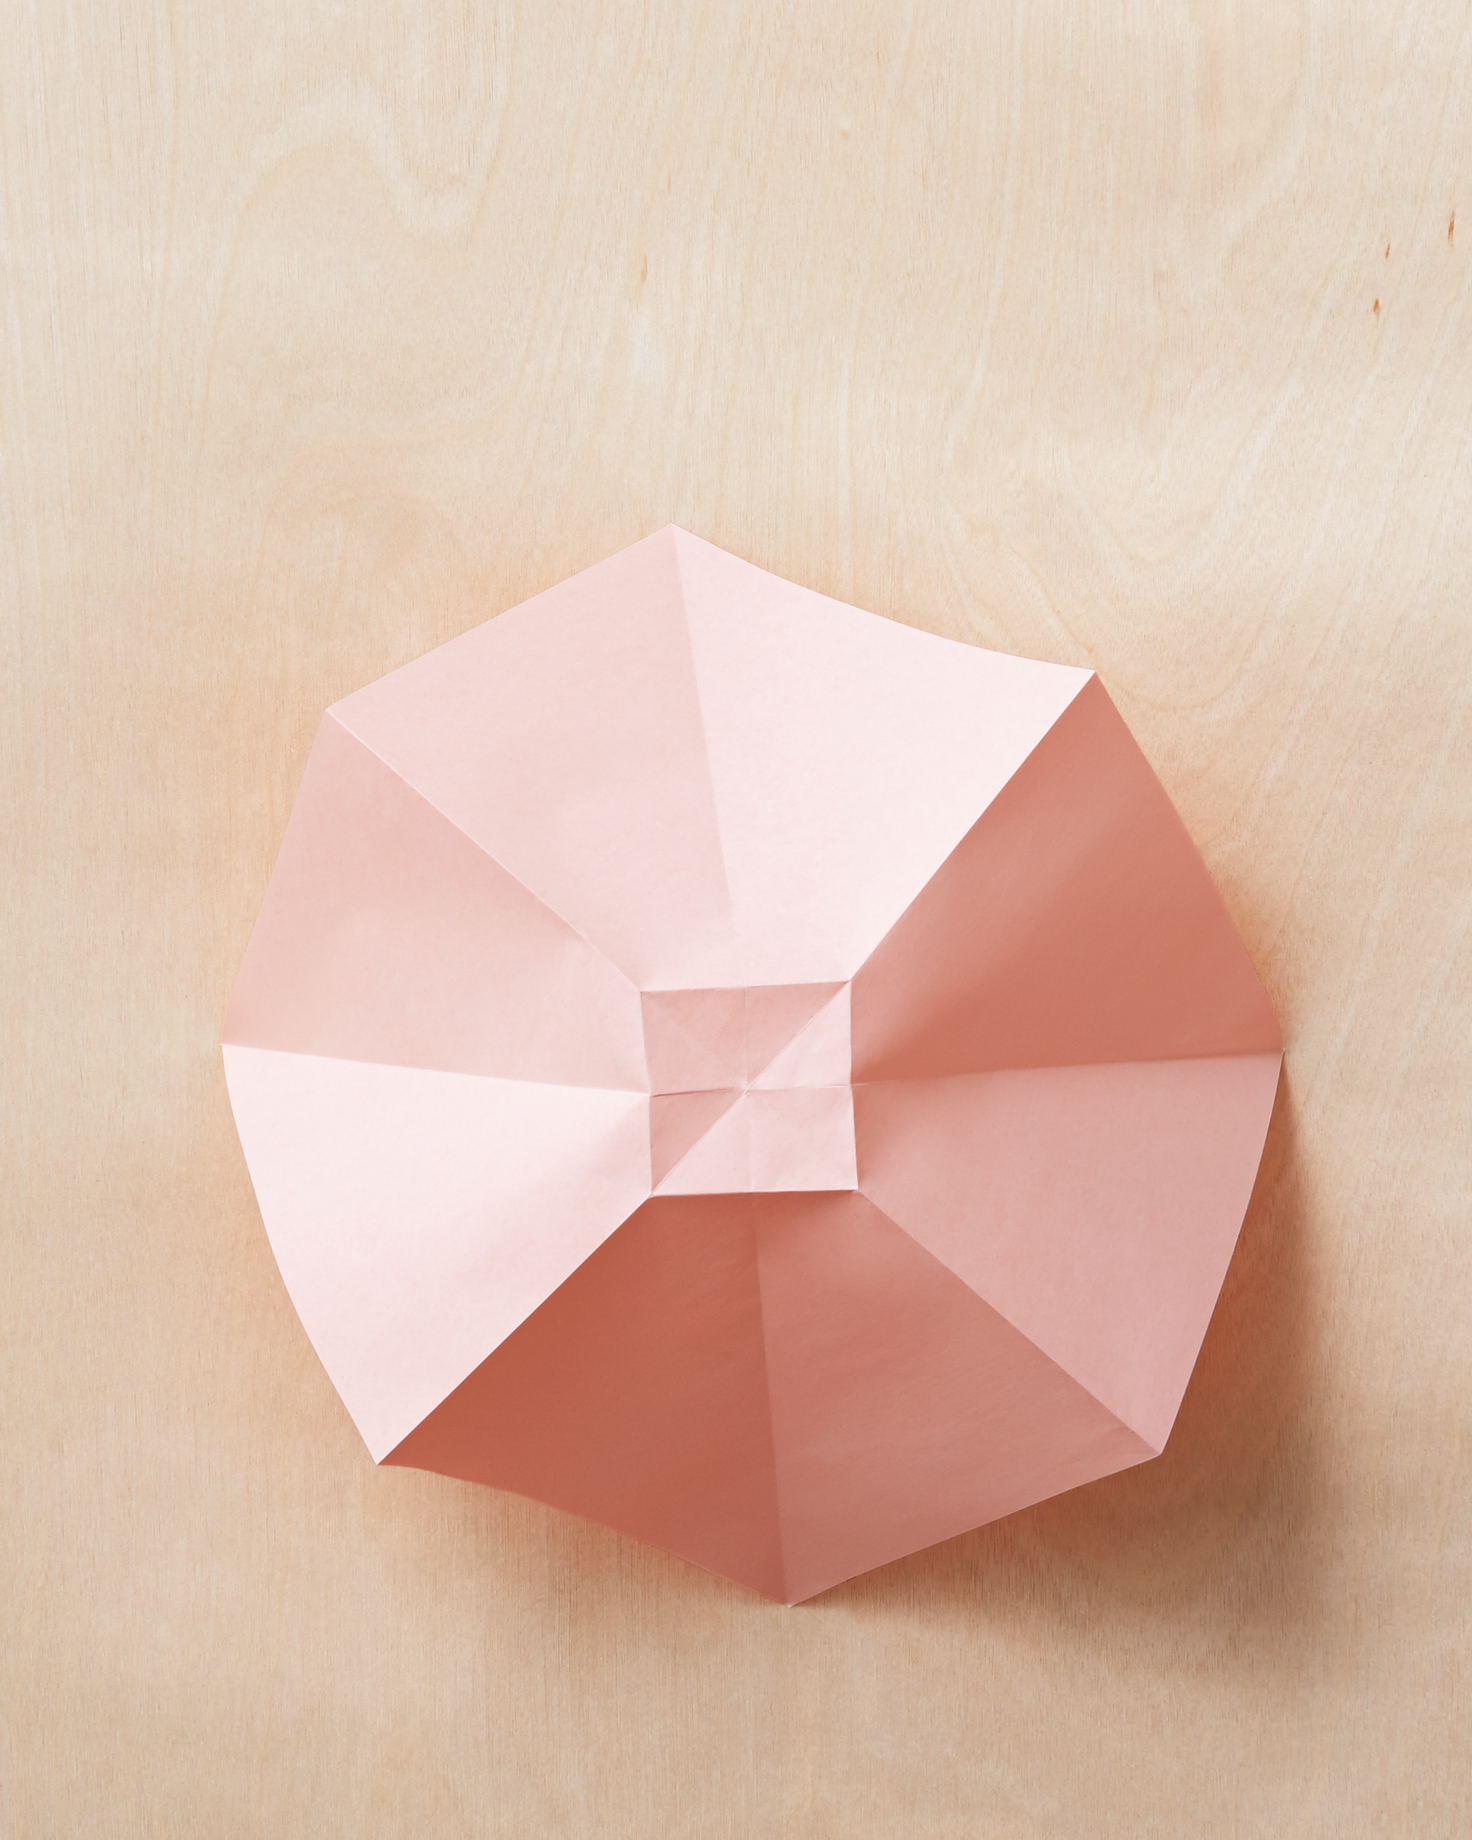 origami-bow-4-193-mwd110795.jpg